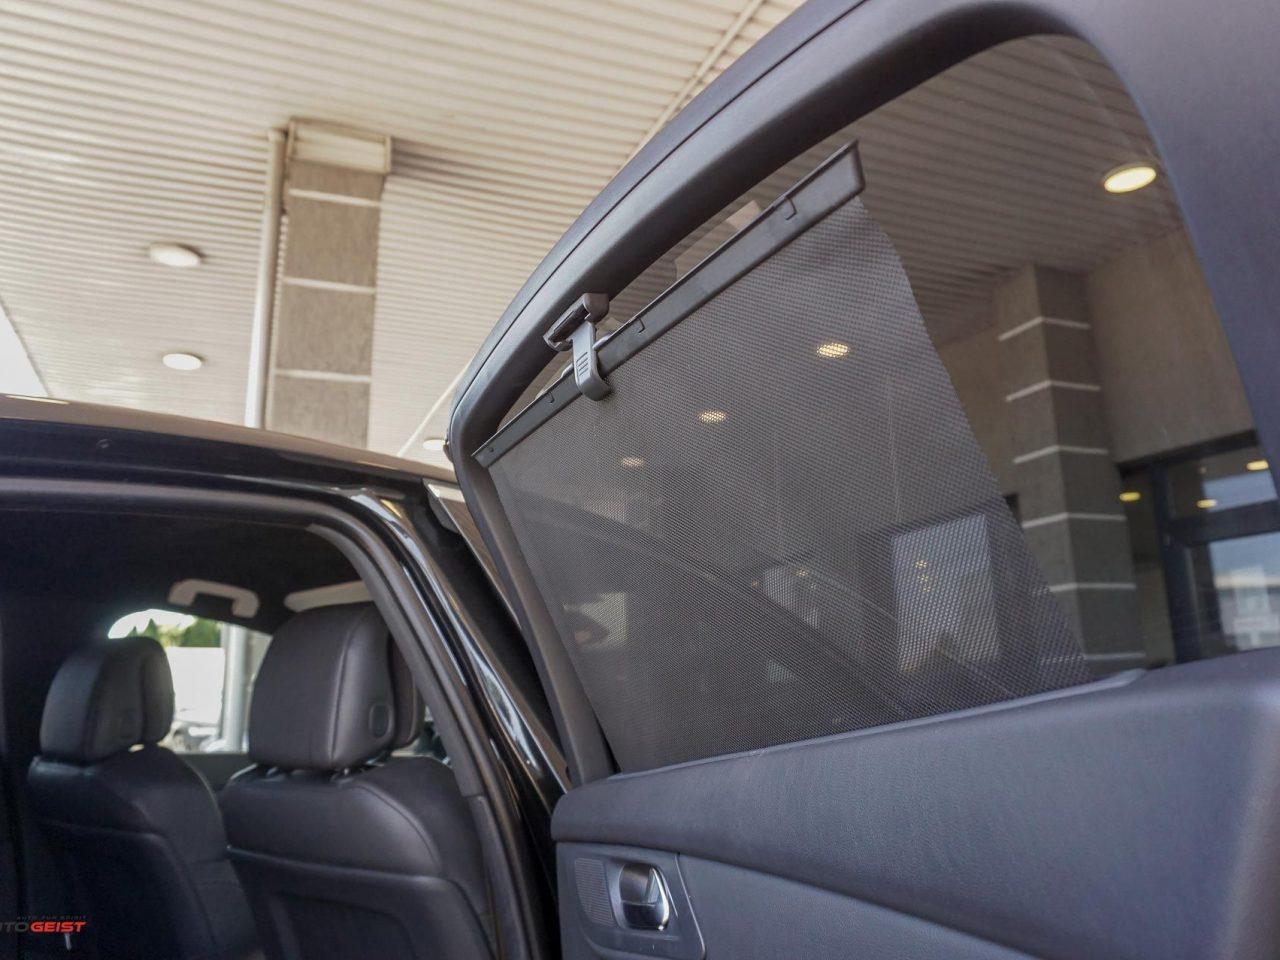 585-peugeot-508-sedan-negru-01750